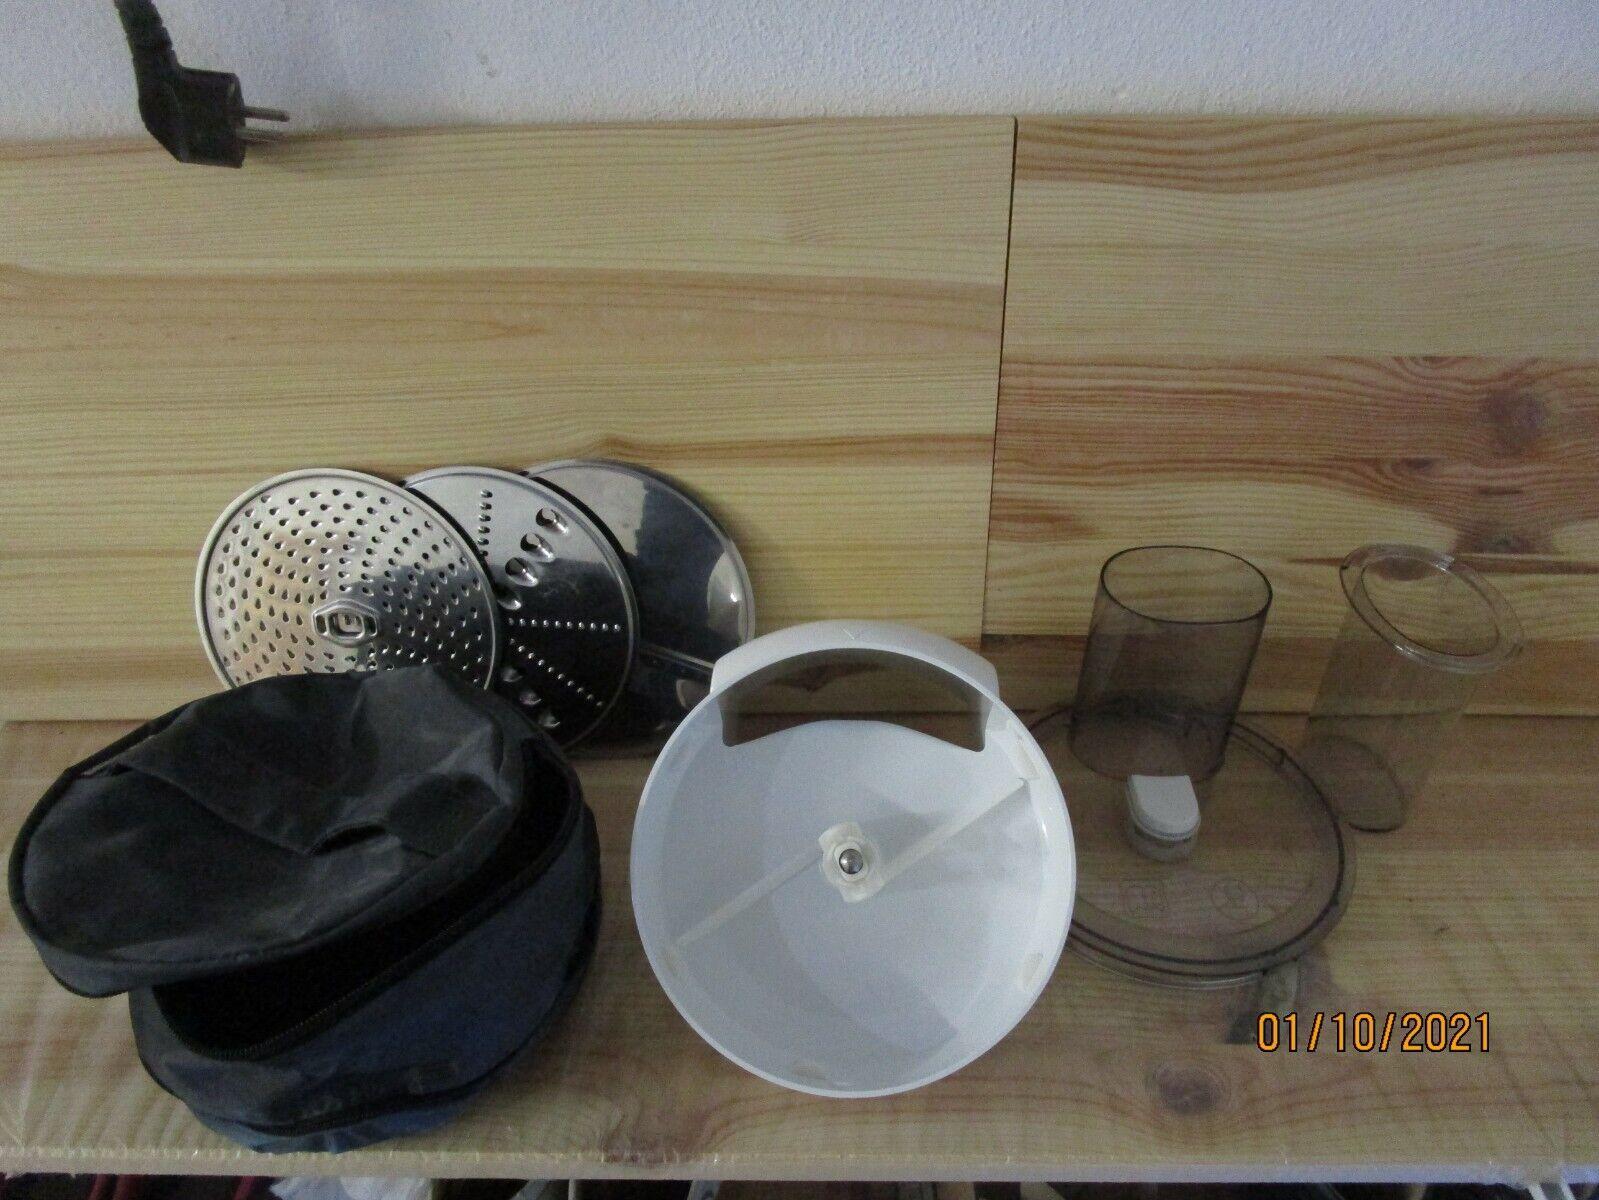 Bosch Küchenmaschine Mum 5 - Zubehör , Durchlaufschnitzler mit 3 Sch. + Tasche